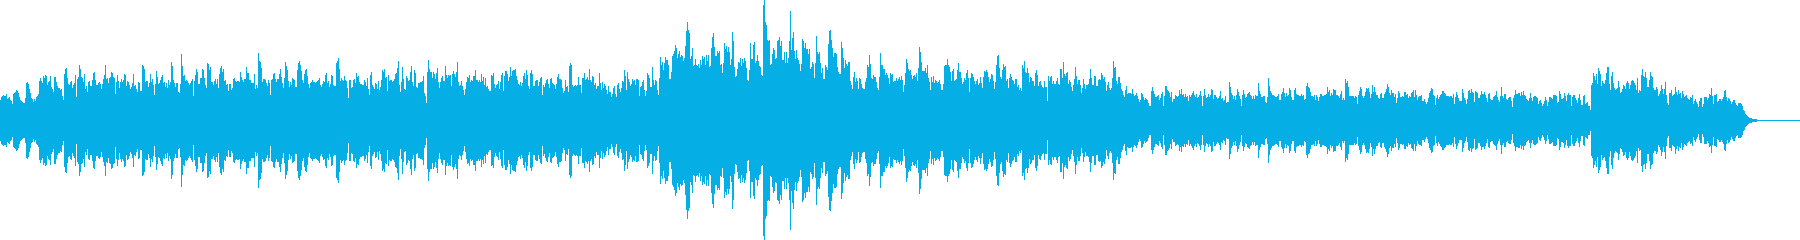 ほのぼのと遊んでいる様子の曲の再生済みの波形